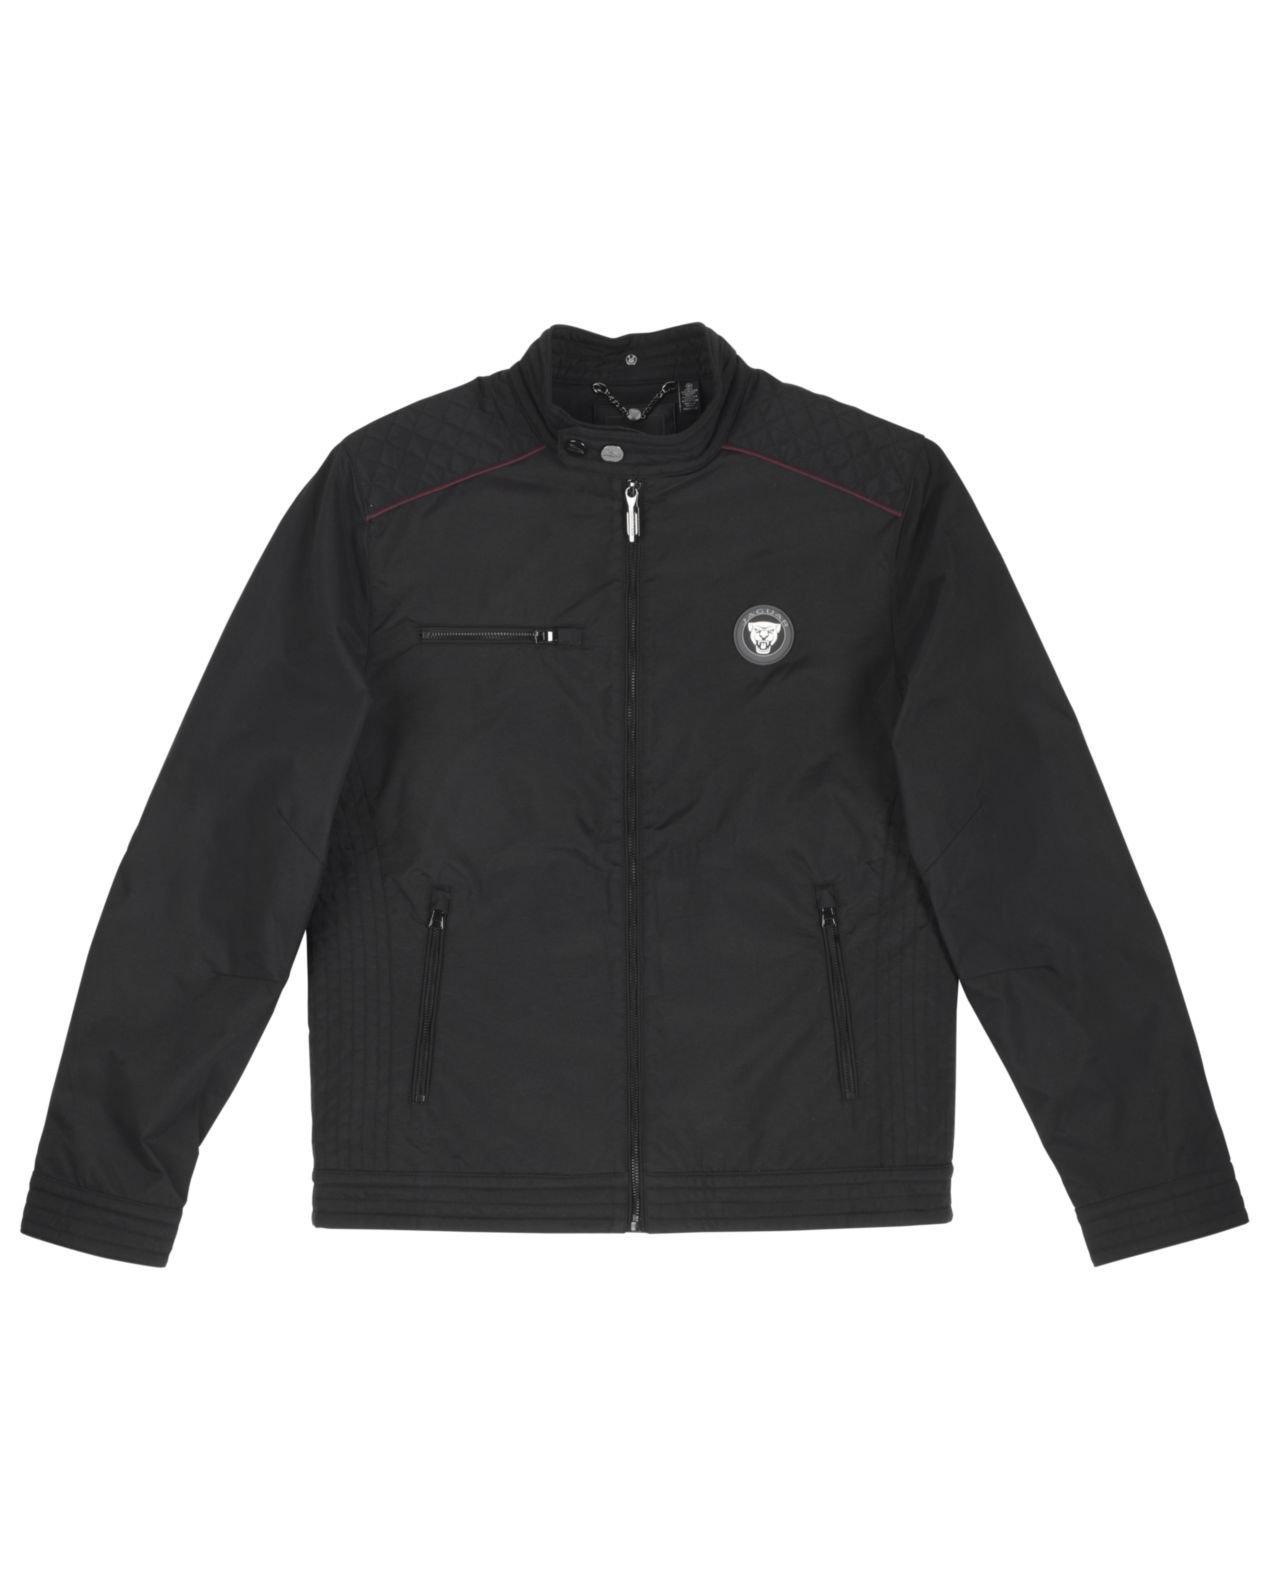 Jaguar Official Merchandise Men's Growler Badge Driver's Jacket XL by Jaguar